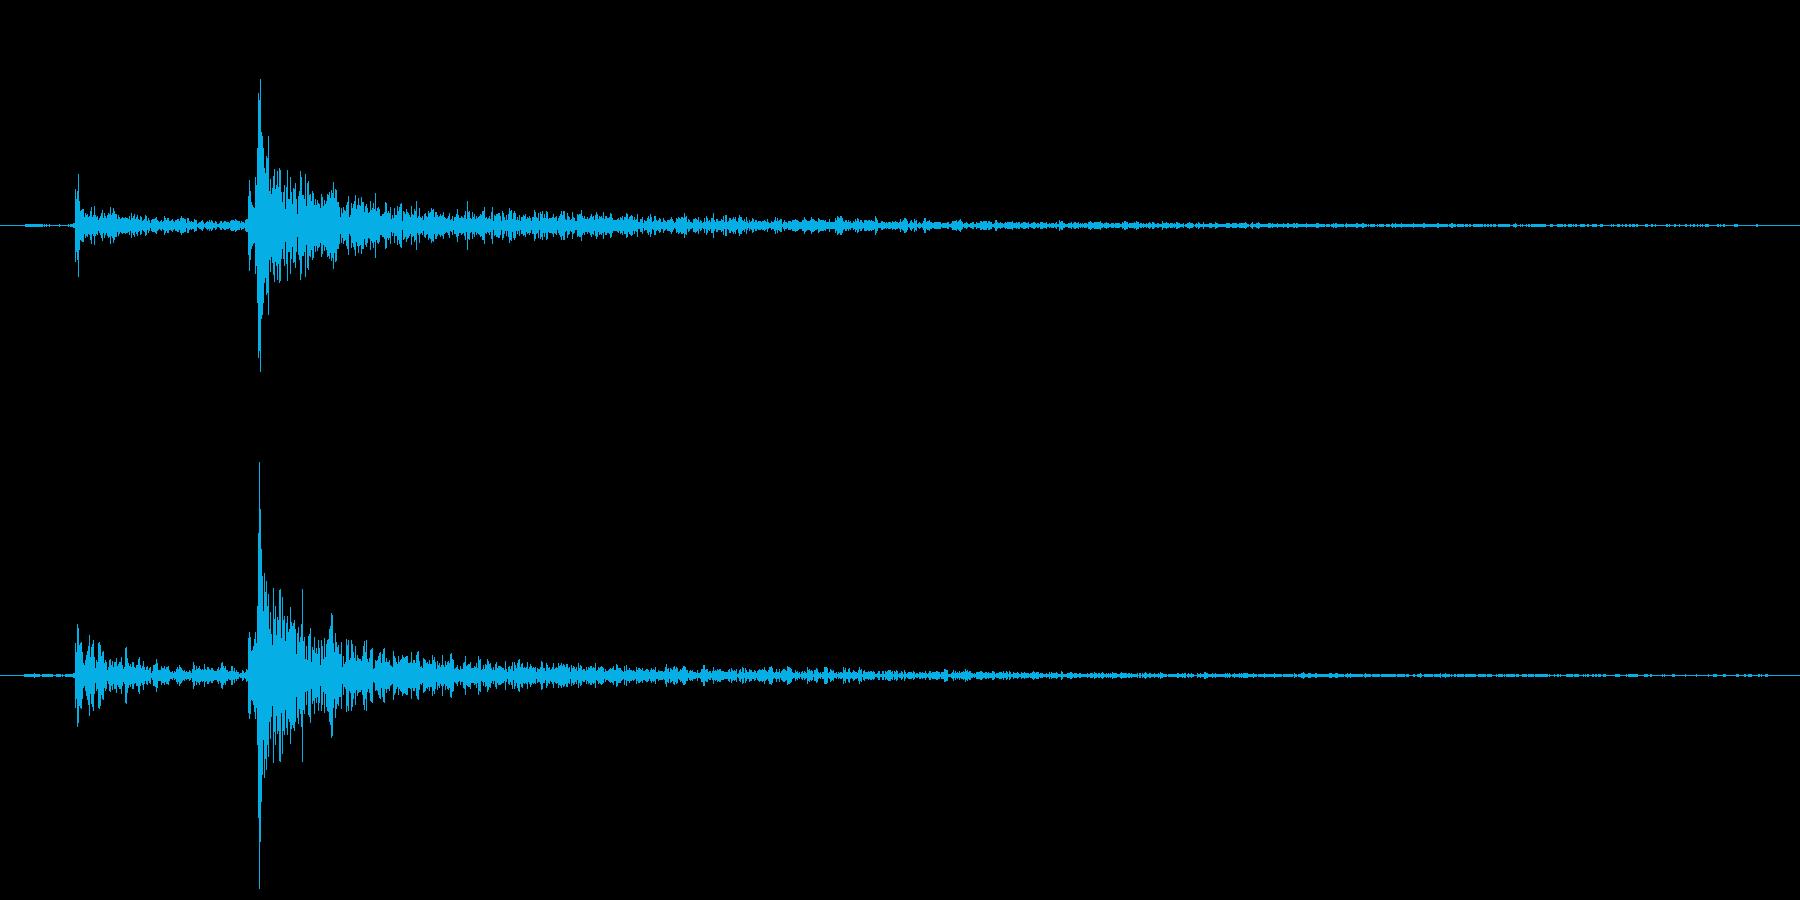 ドアを閉める音(エフェクト有り)の再生済みの波形